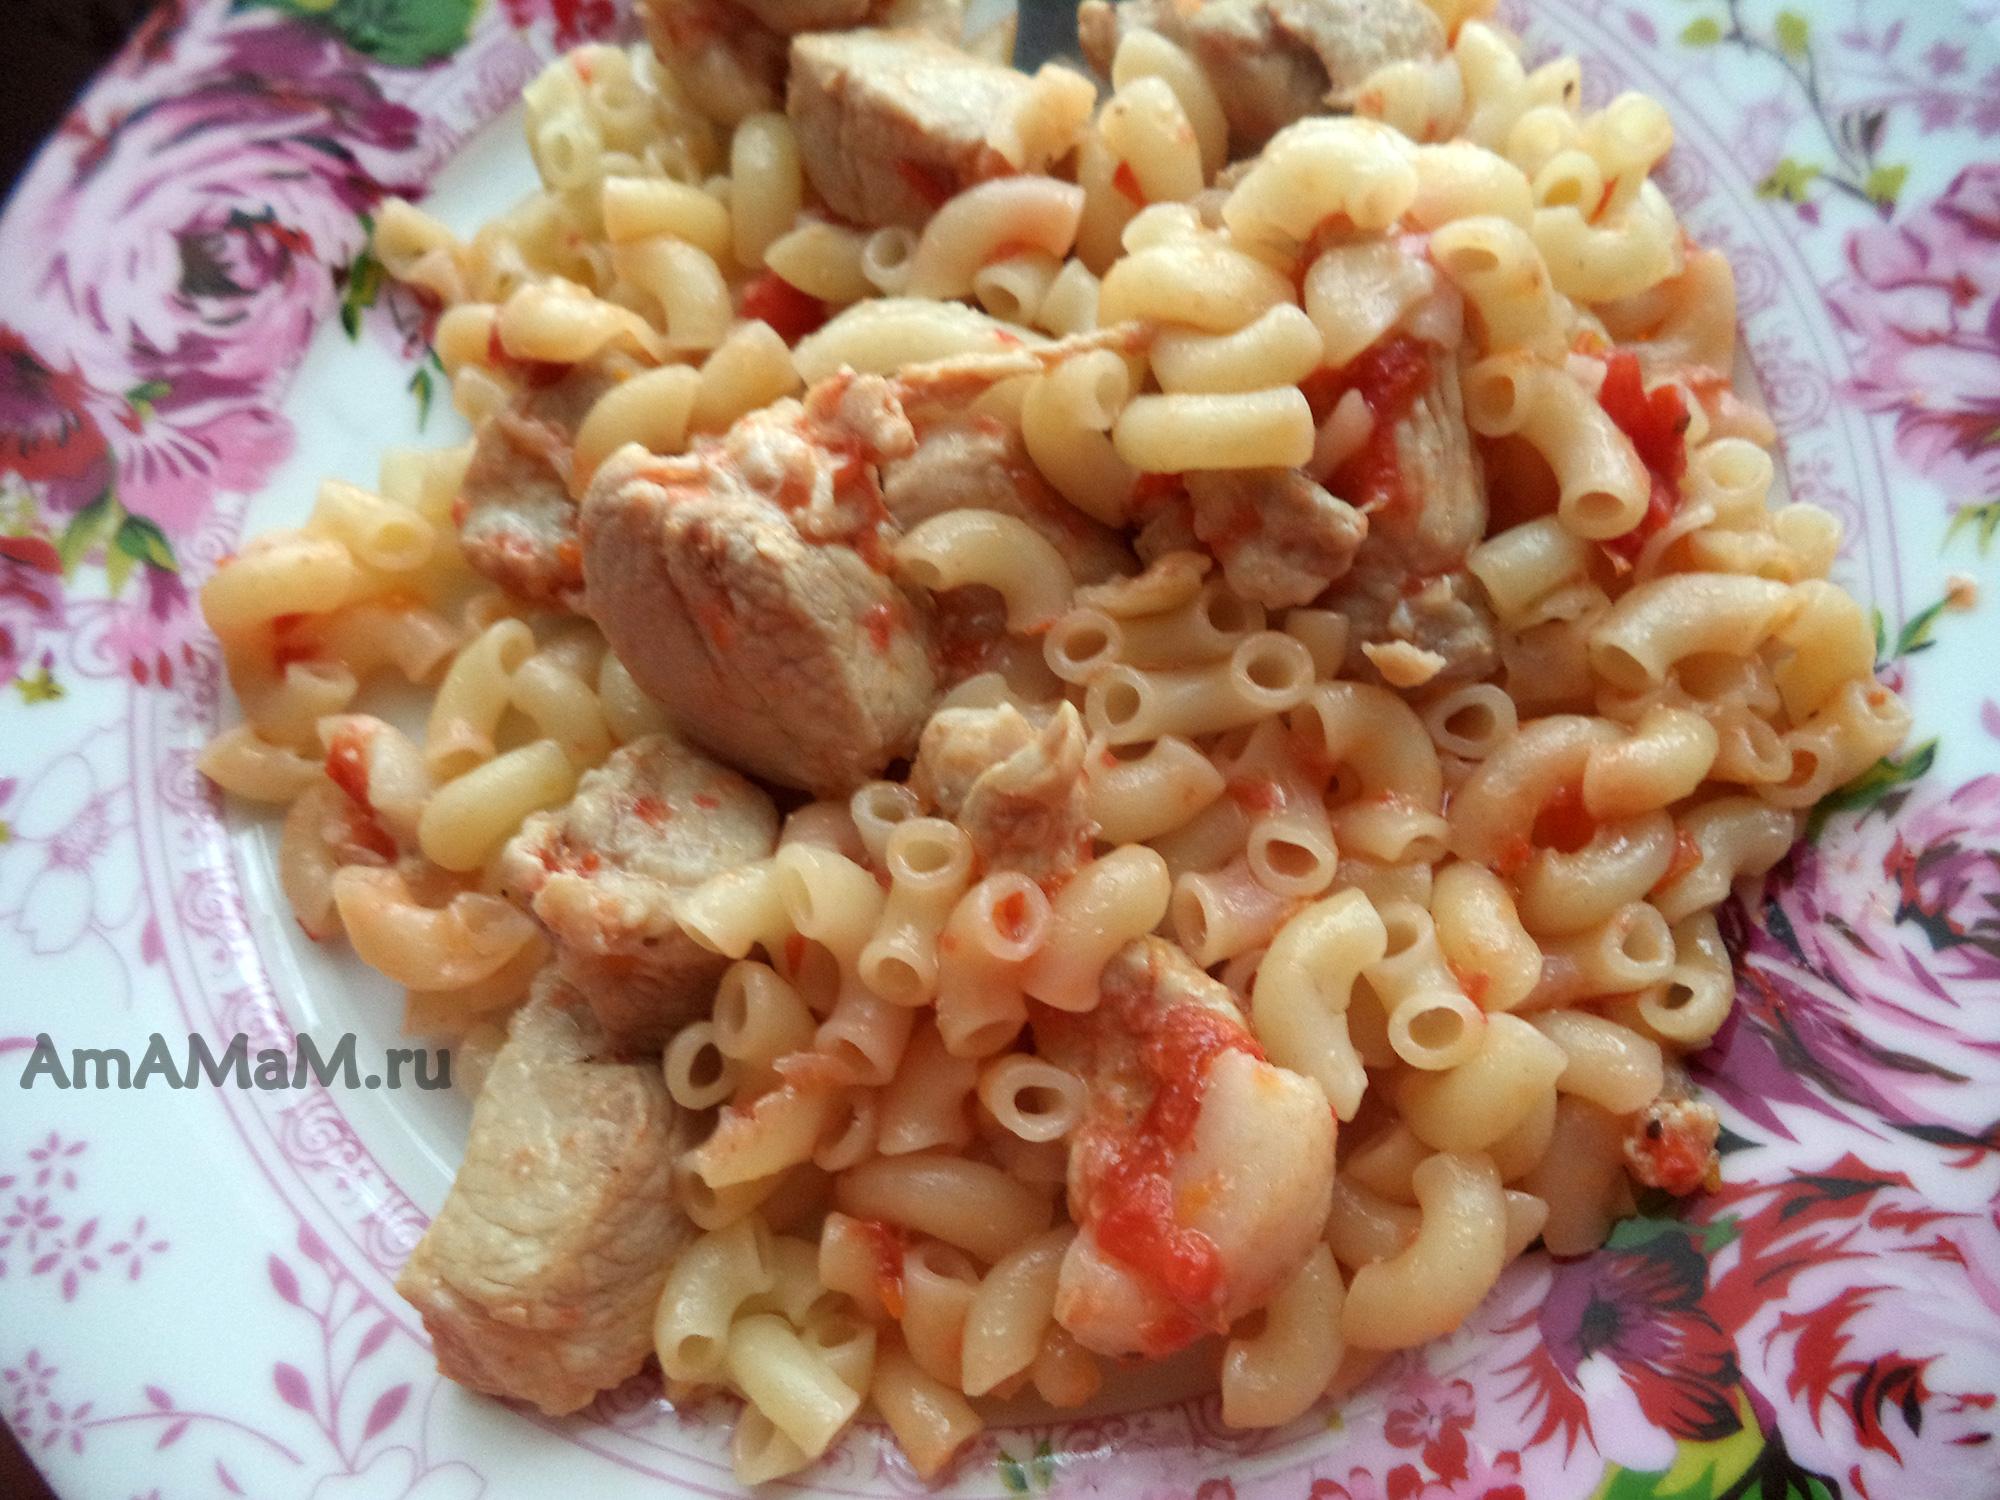 Рецепт макароны с свининой тушеной